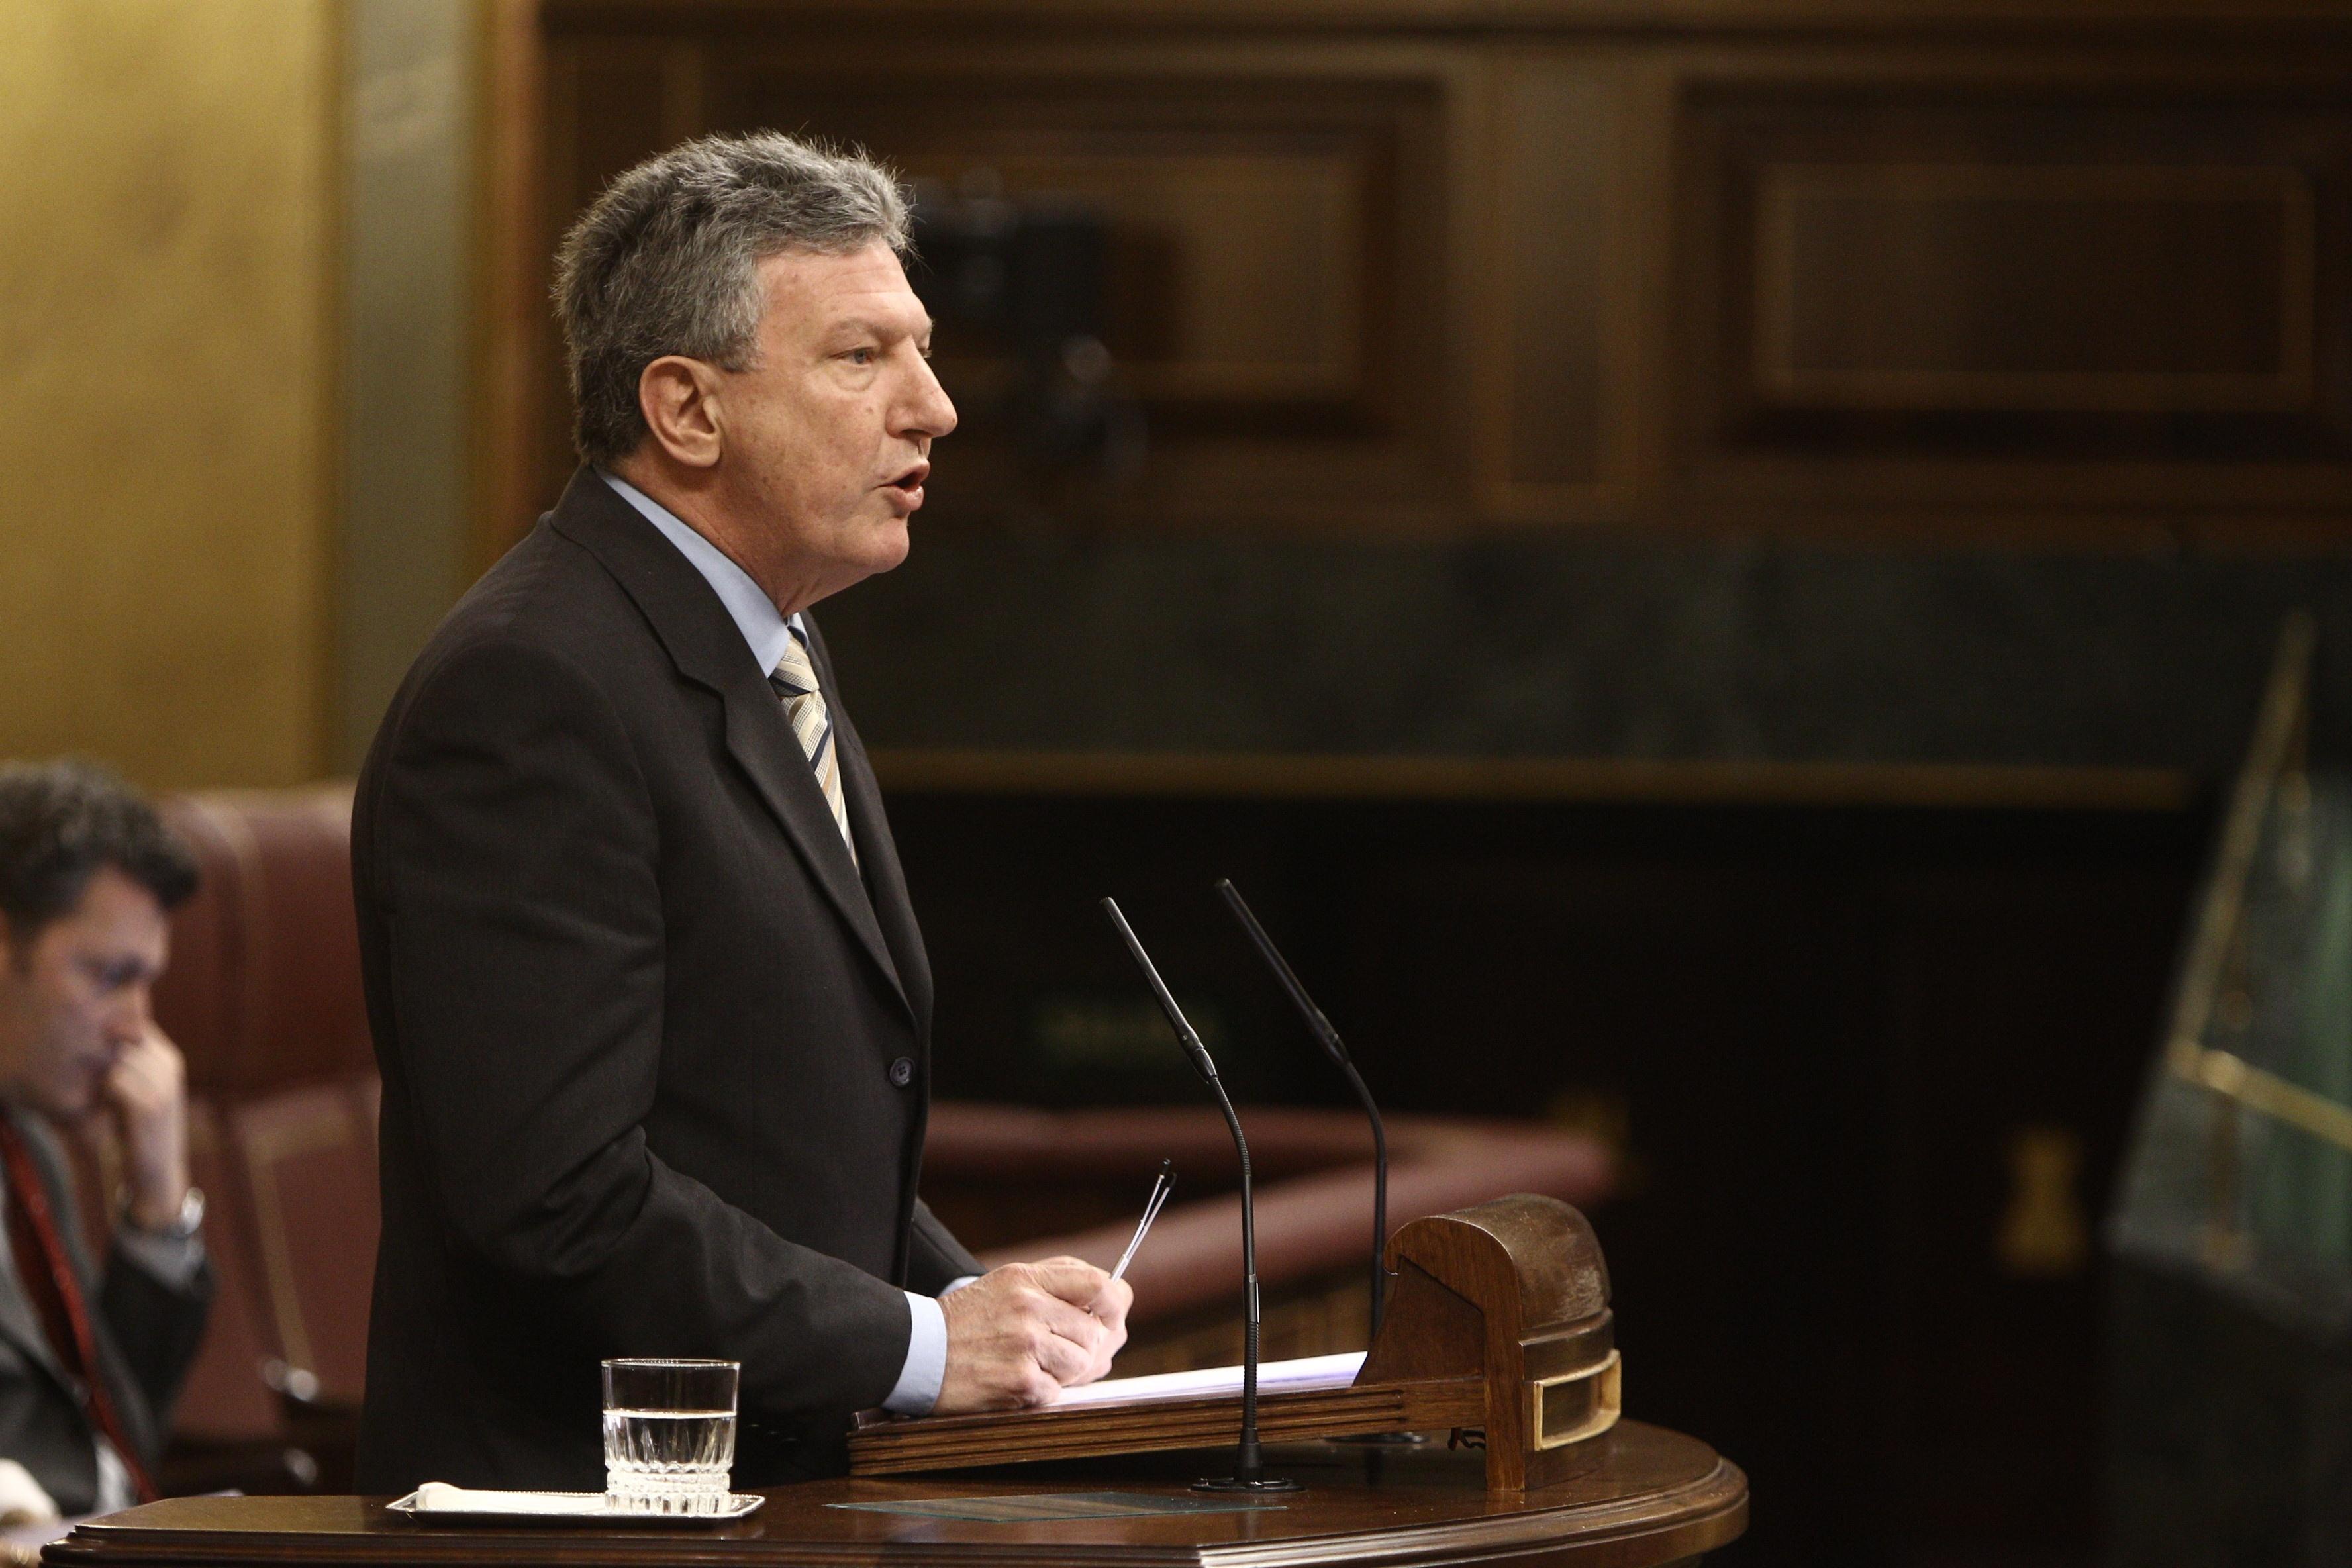 Nueva Canarias pide al Gobierno impulsar el referéndum y reconocer al Polisario como legítimo representante